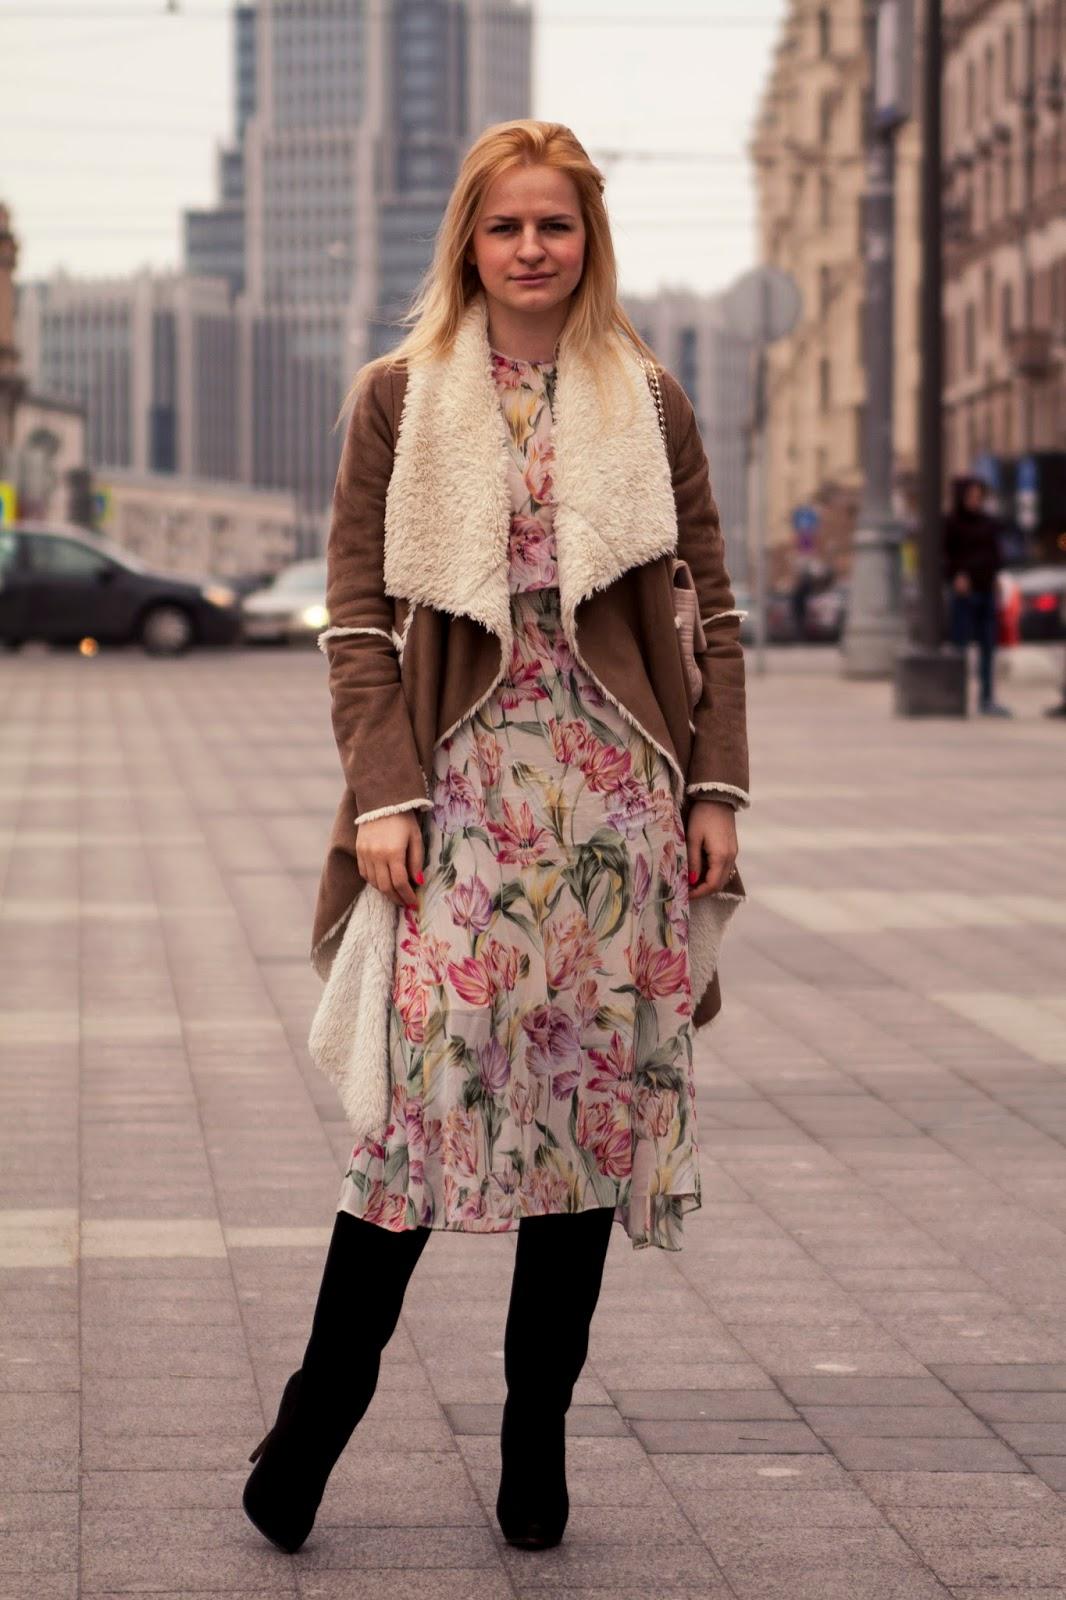 тенденции моды весна 2016, романтичная мода, уличная мода 2016, модные луки